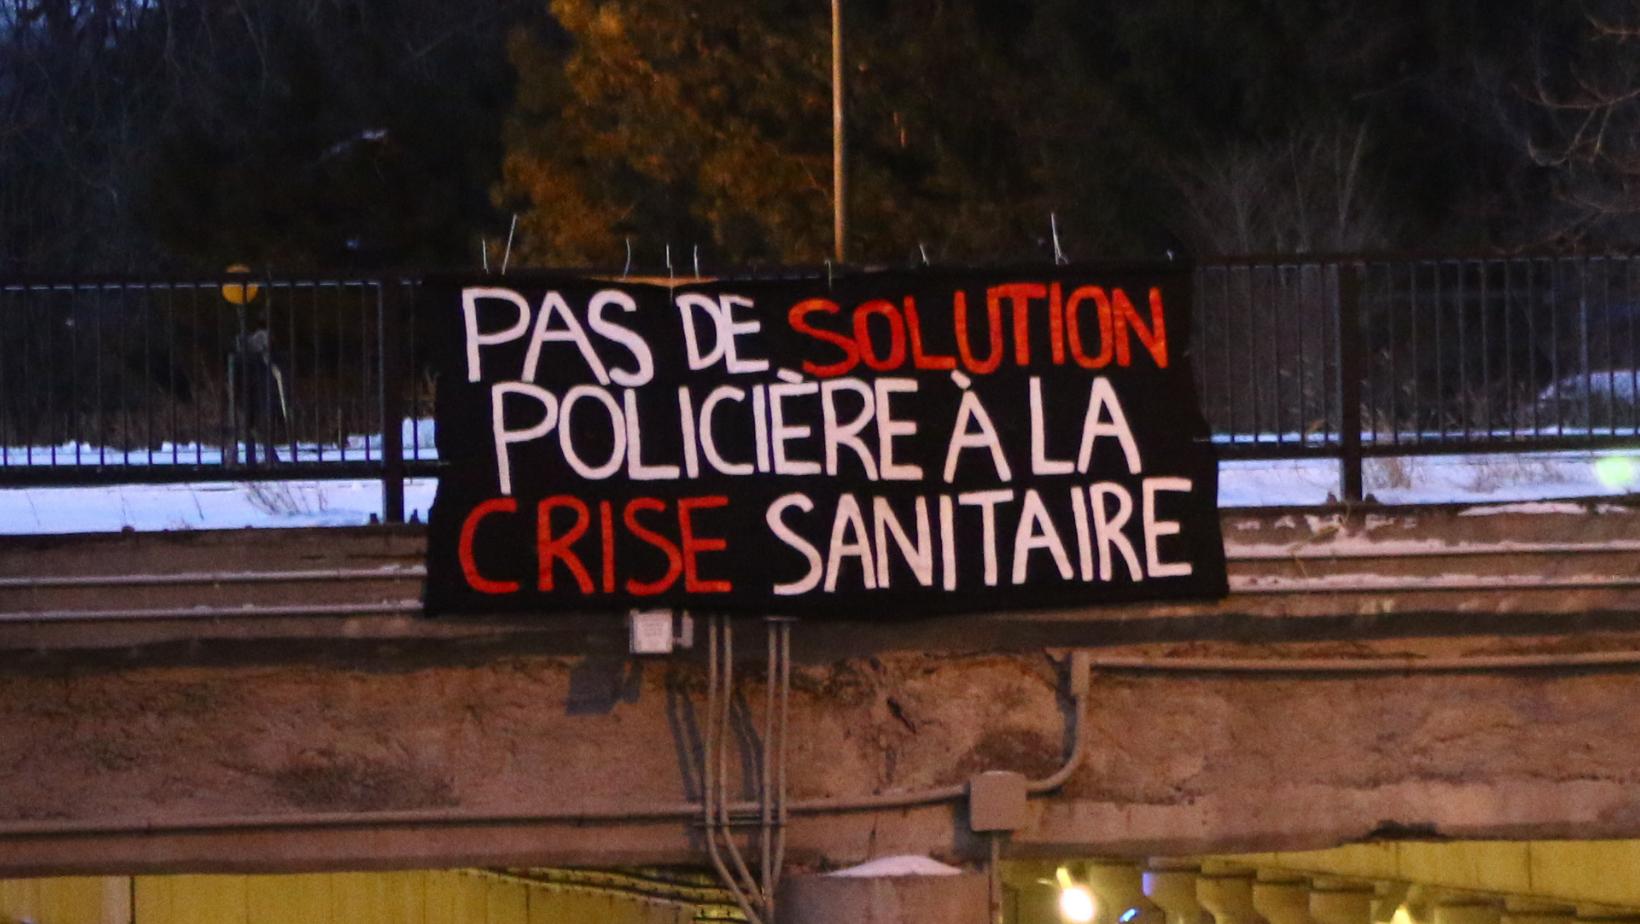 Pas de solution policière à la crise sanitaire !